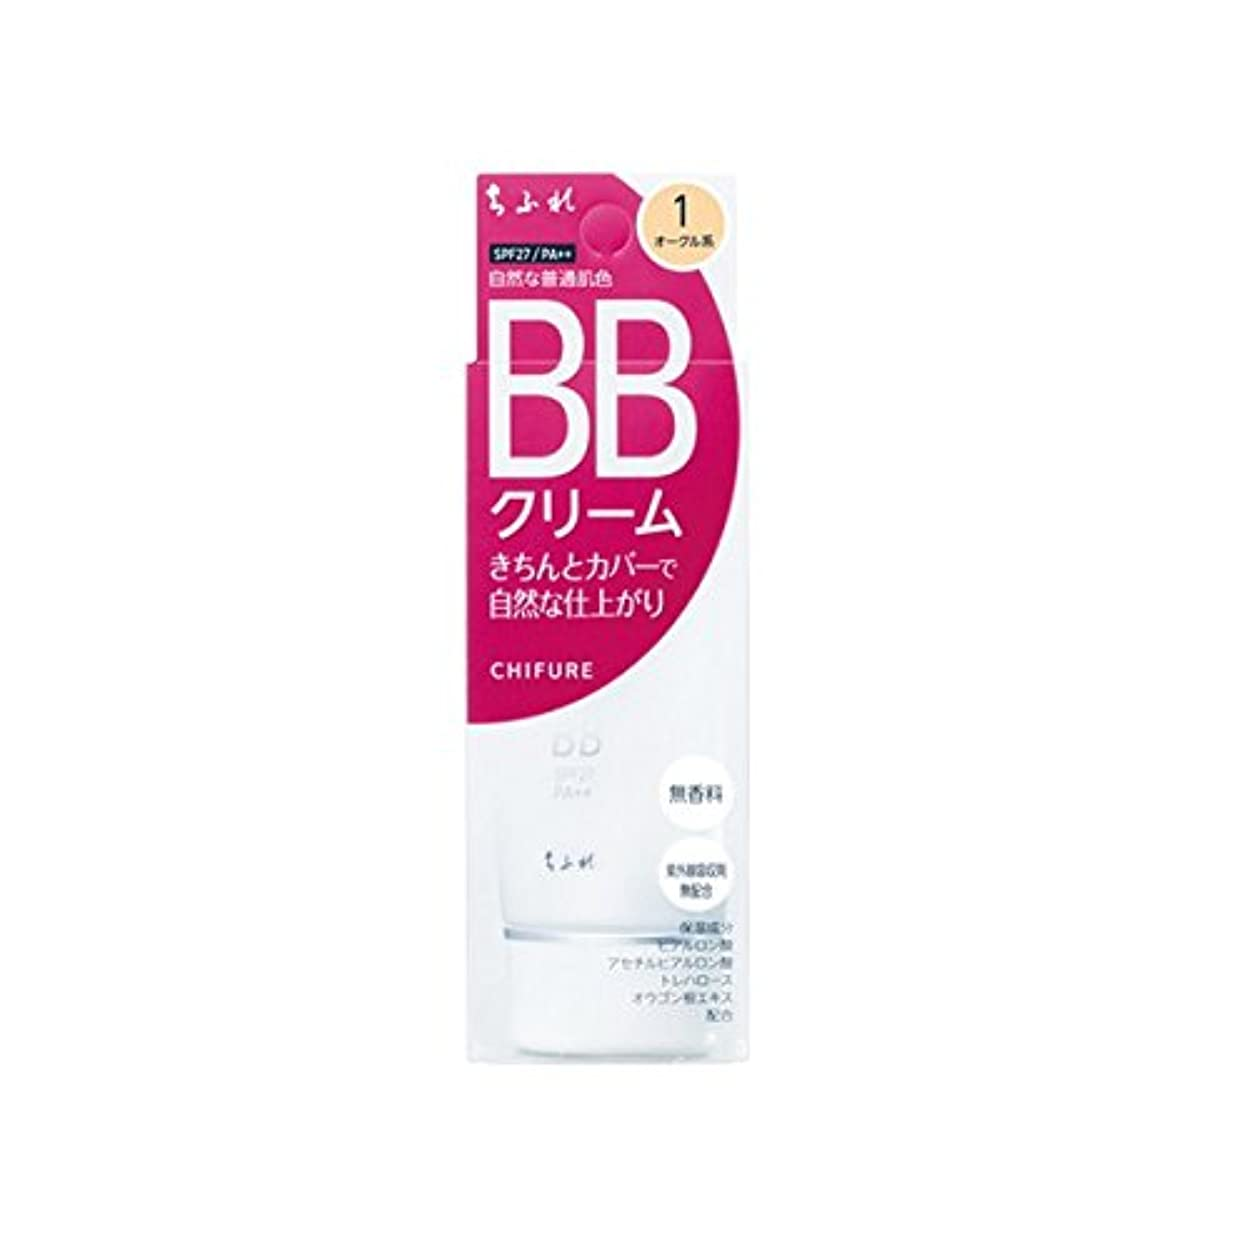 目的インテリア震えちふれ化粧品 BB クリーム 1 自然な普通肌色 BBクリーム 1